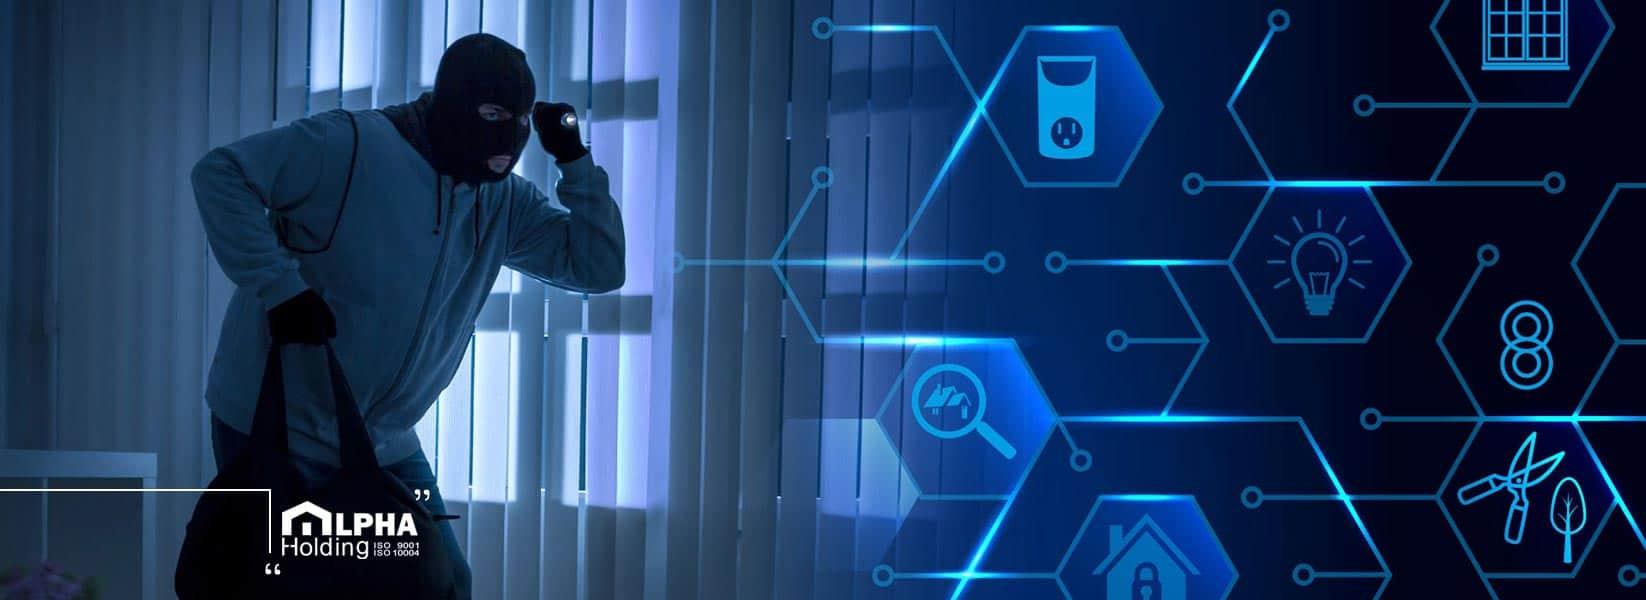 امنیت در خانه هوشمند از چه روش هایی تامین می شود؟